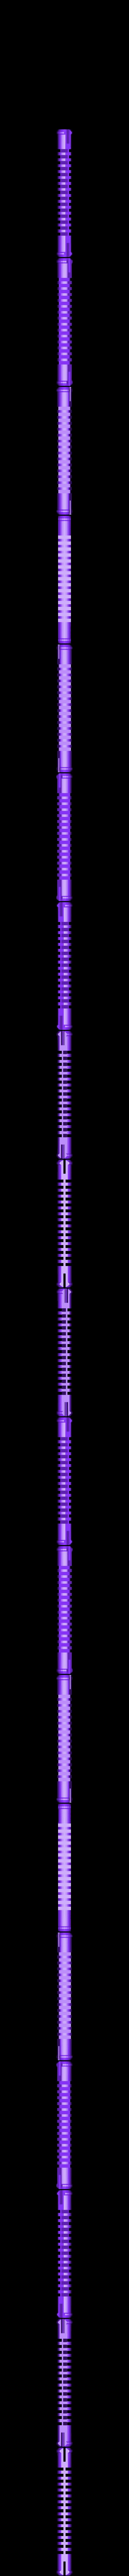 SnakePin_75mm.stl Télécharger fichier STL gratuit Epingles à ressort et épingles à serpent • Design à imprimer en 3D, gabutoillegna56